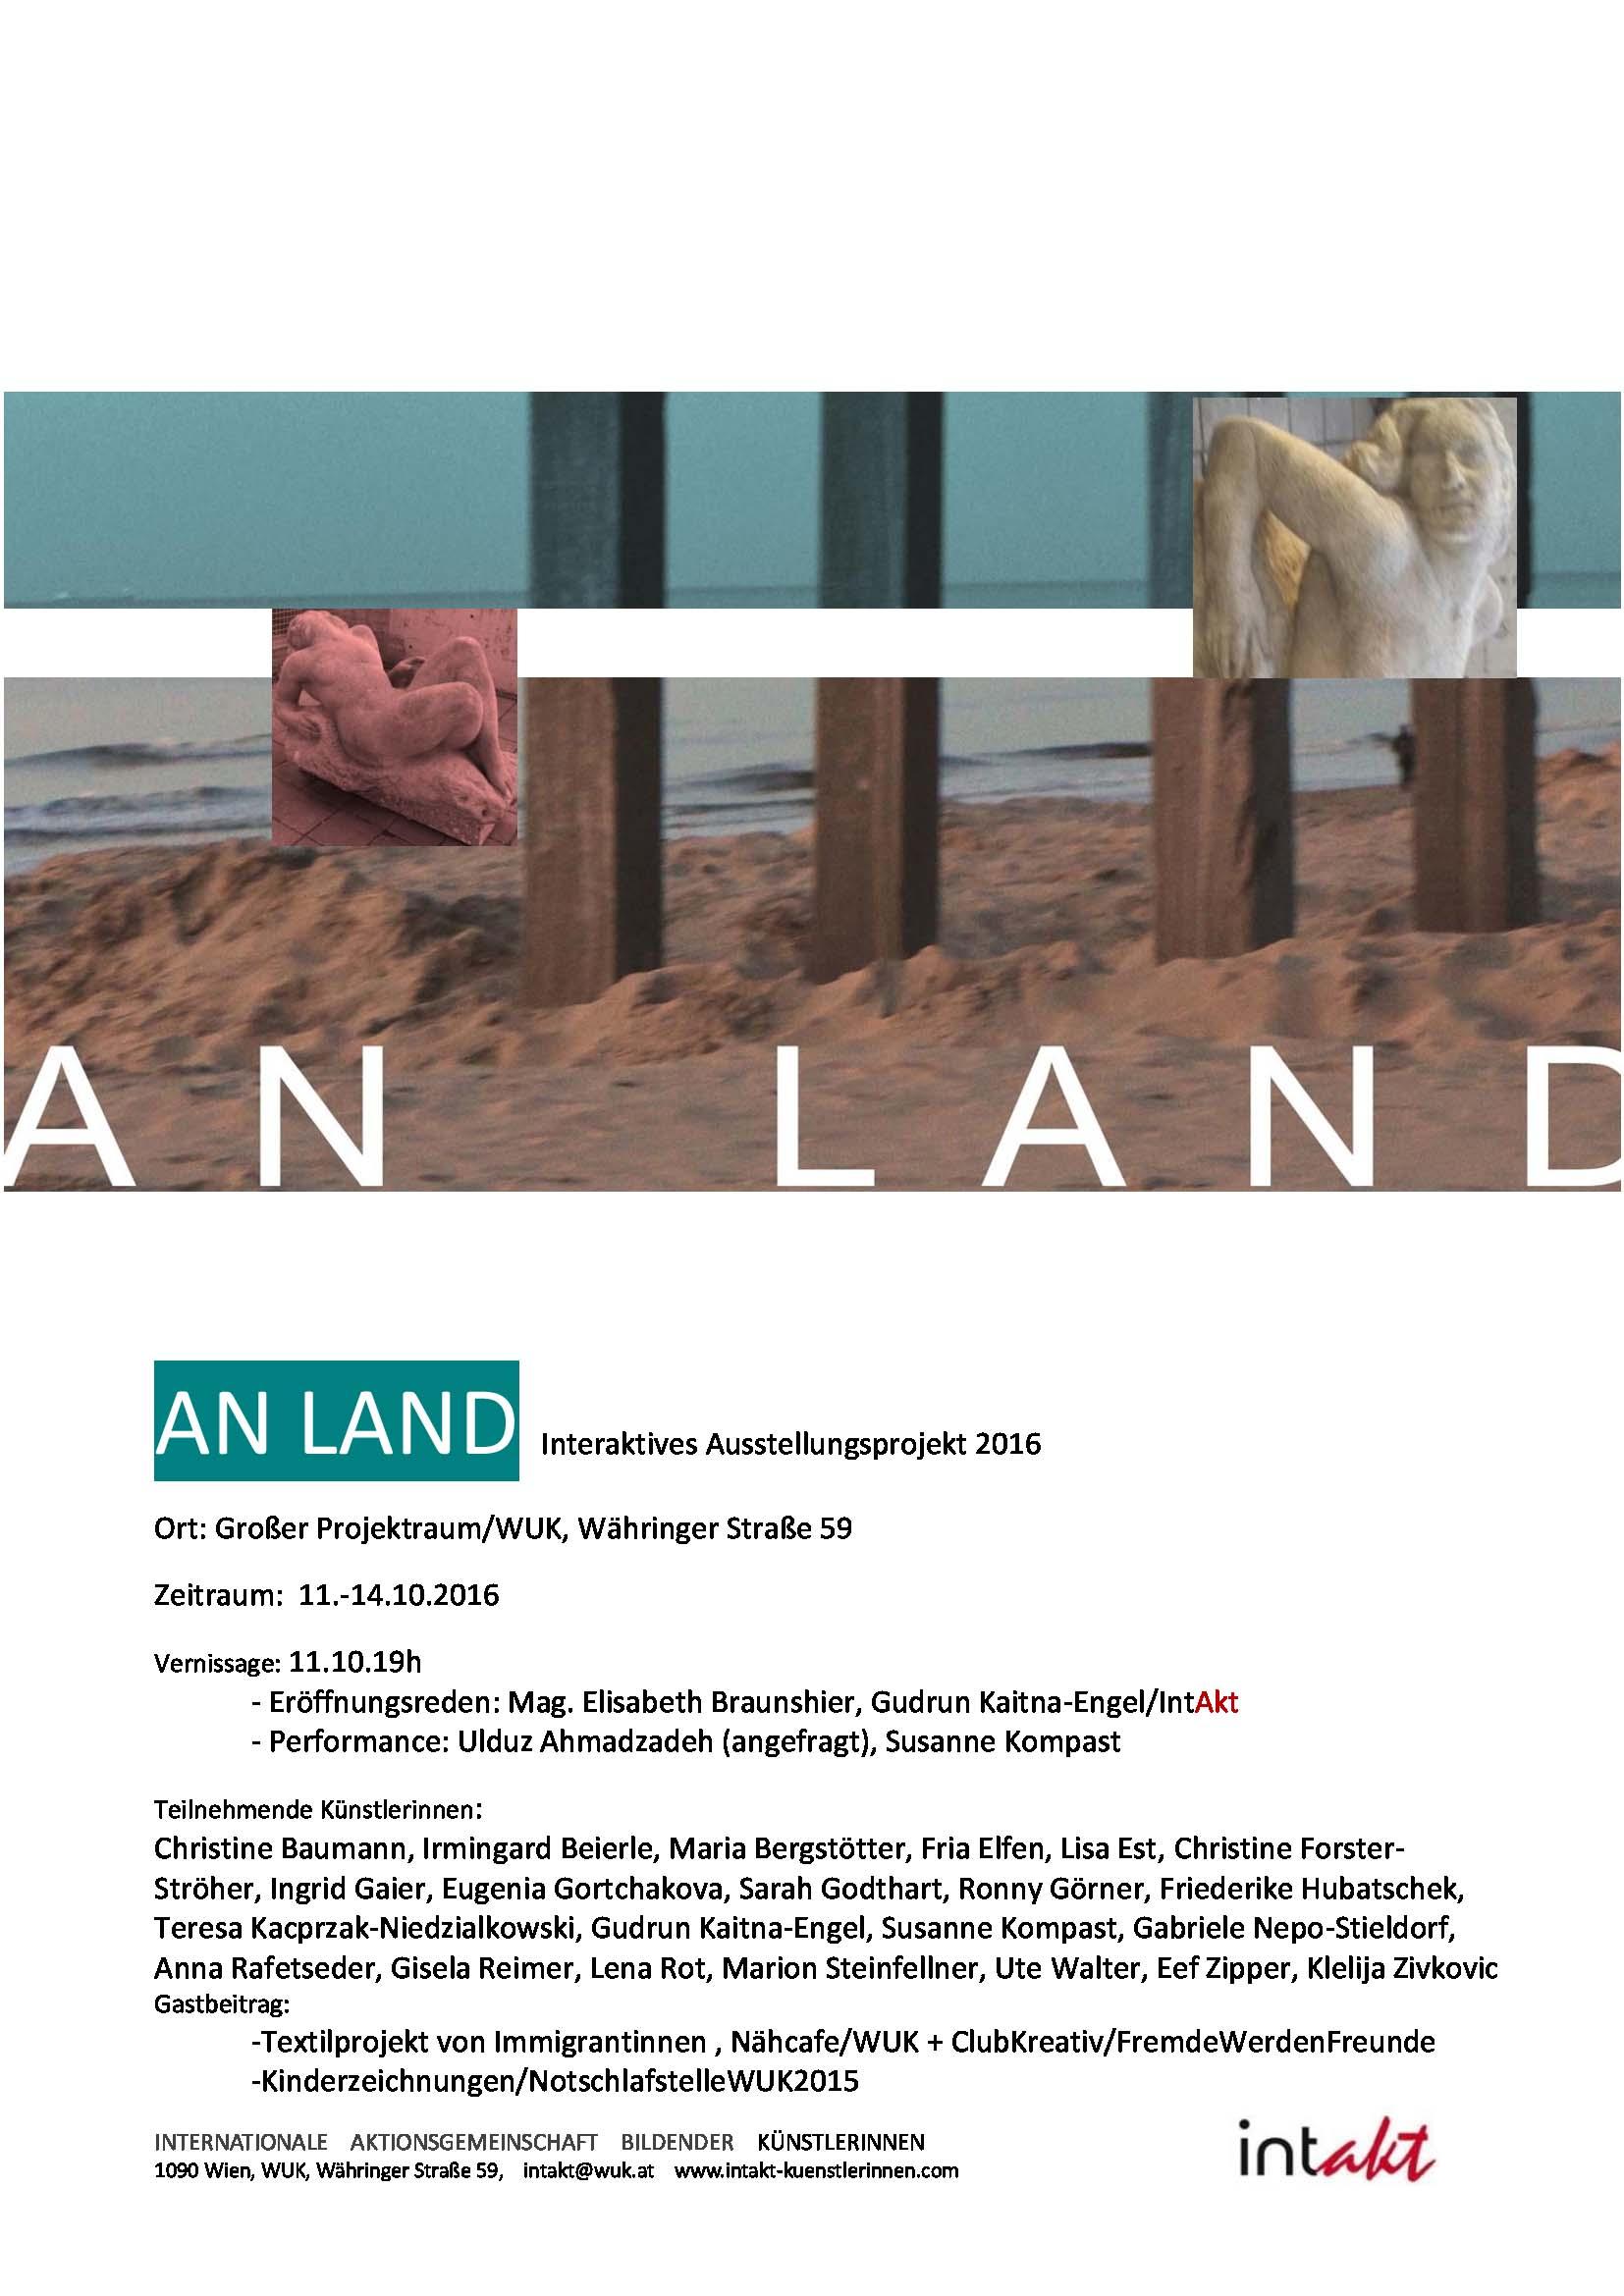 Titel: An Land,  11.-14.10.2016, Ort: Projektraum/WUK, 1090 Wien, Währinger Str. 59